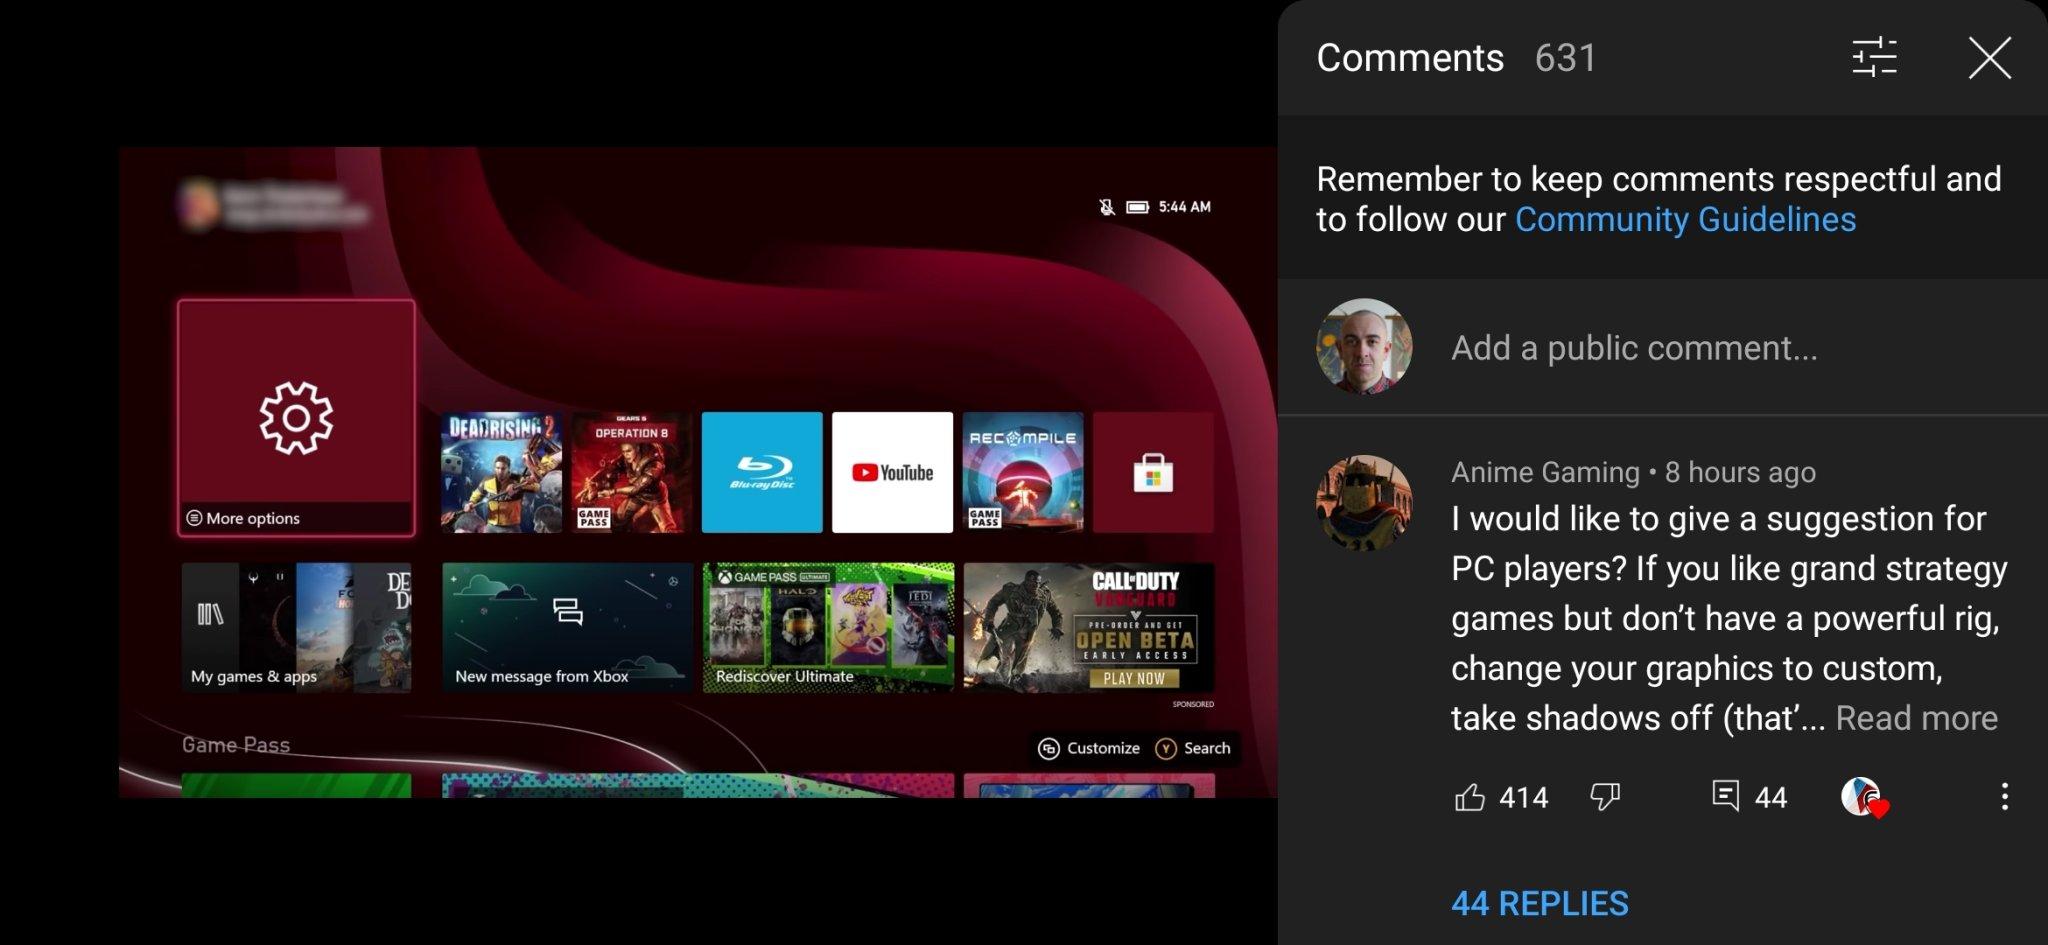 novo sistema de comentários do youtube